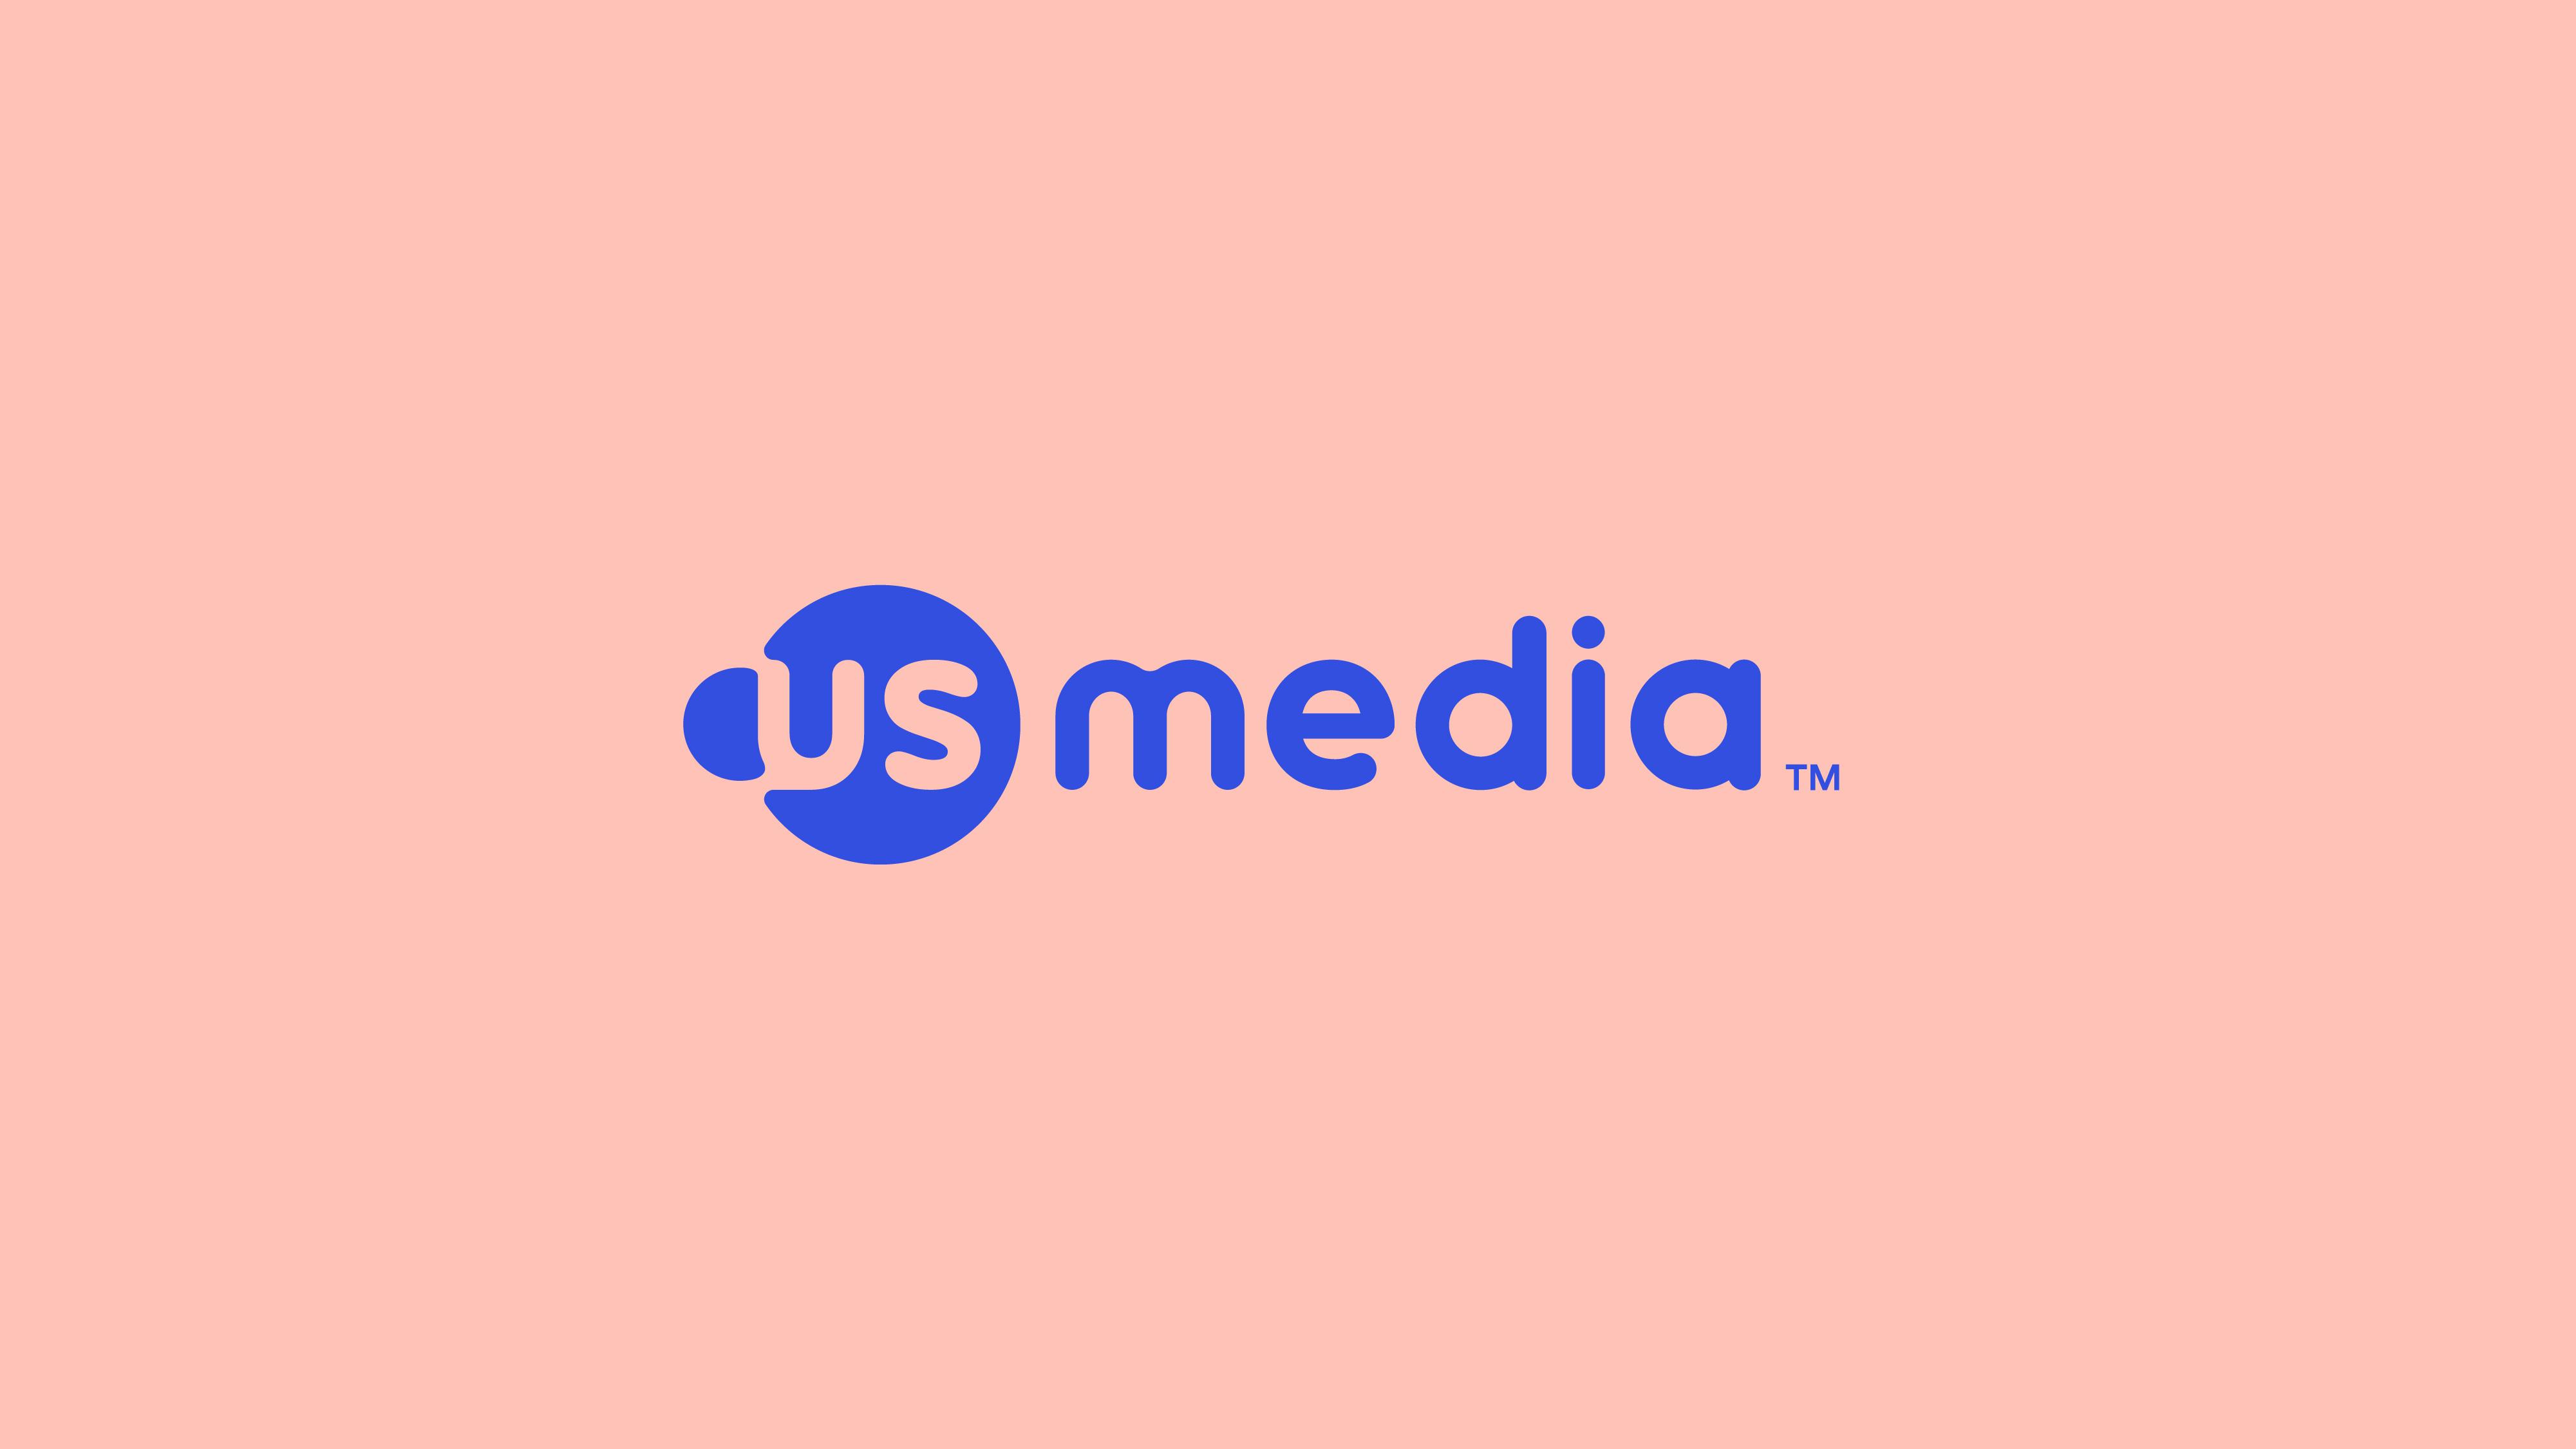 us_media-02